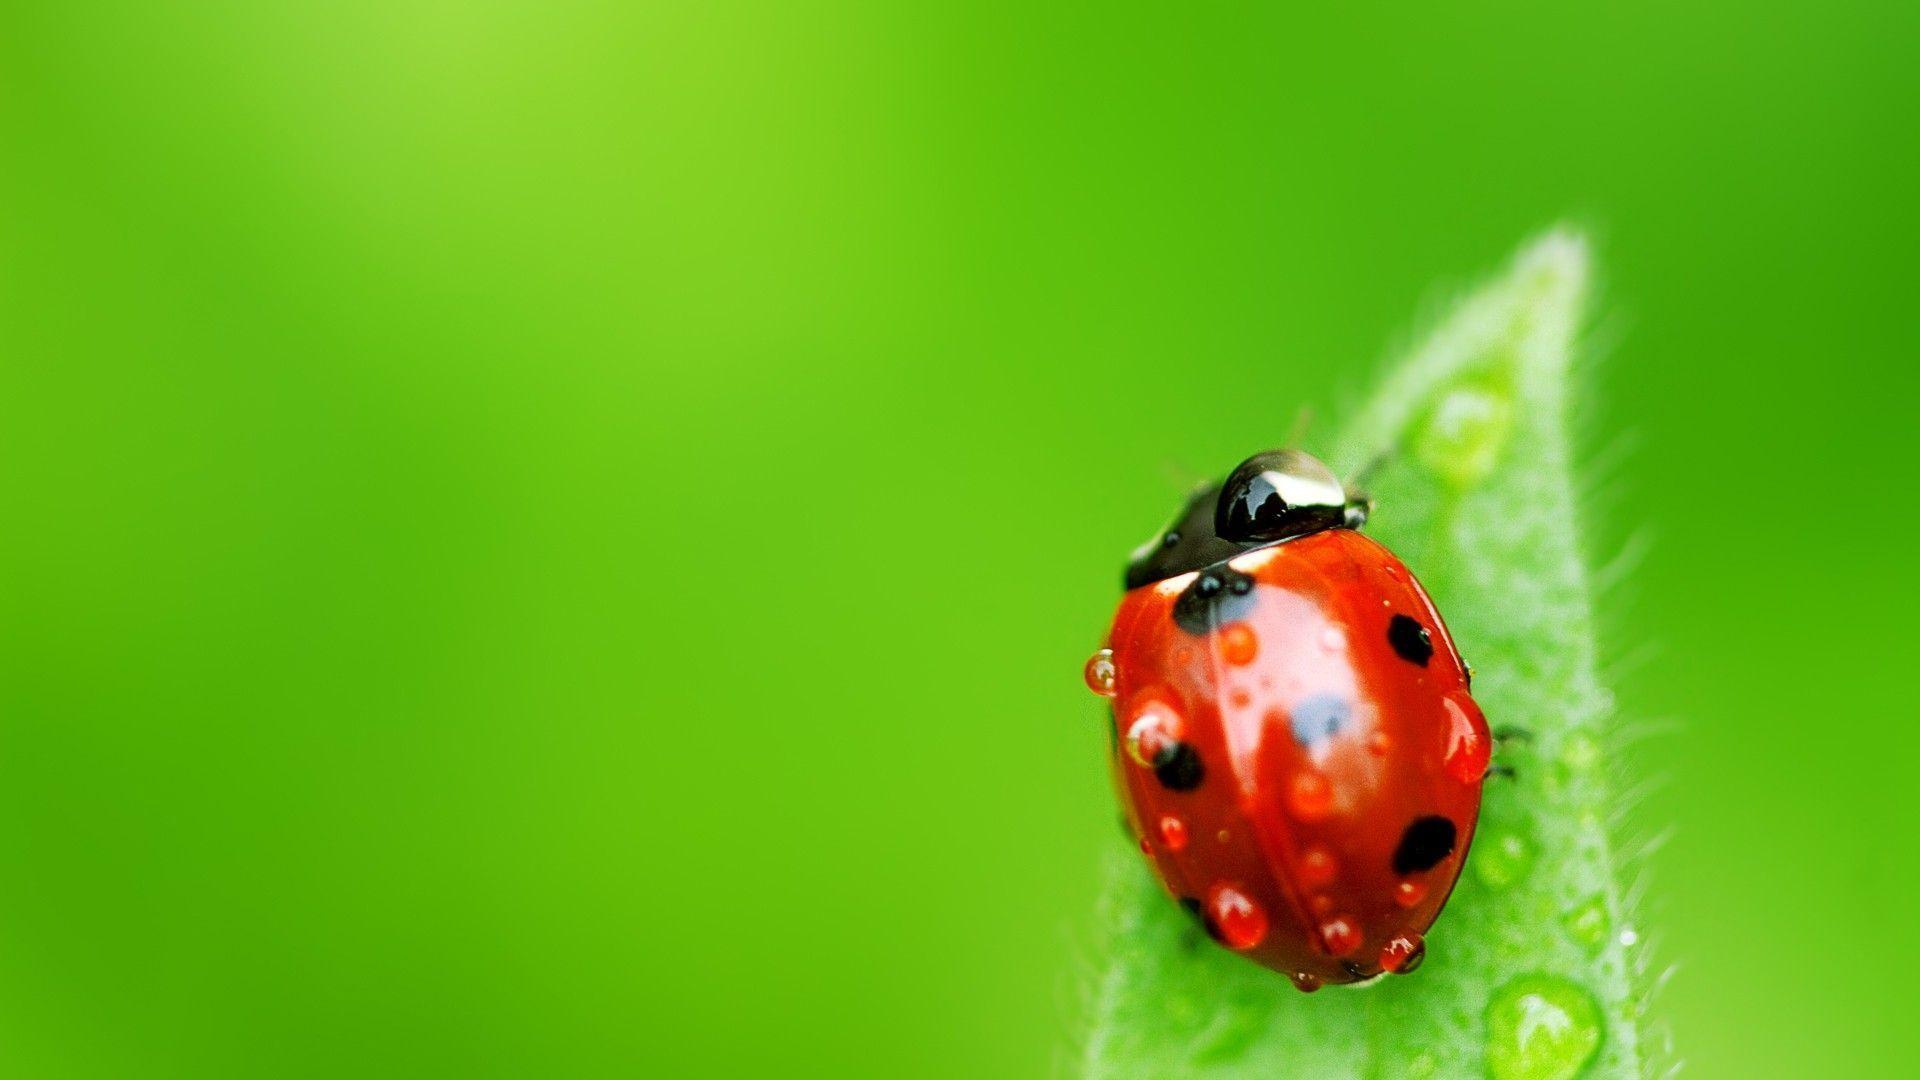 <b>Ladybug</b> On Leaf #7009120